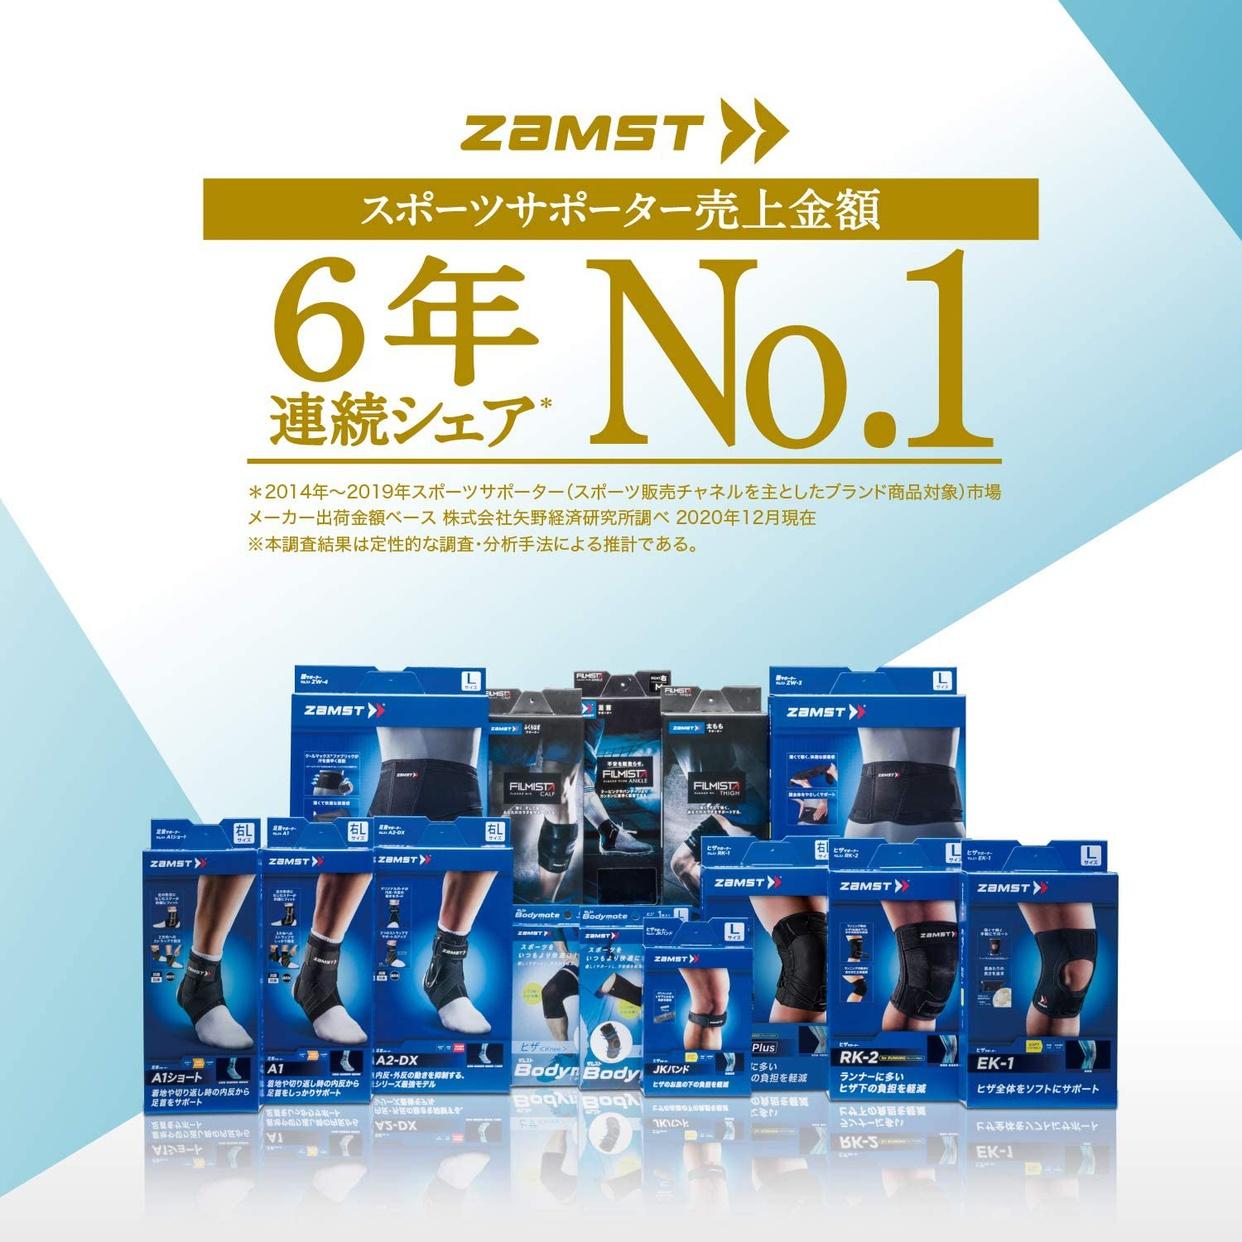 ZAMST(ザムスト) ボディーメイト ヒザの商品画像2